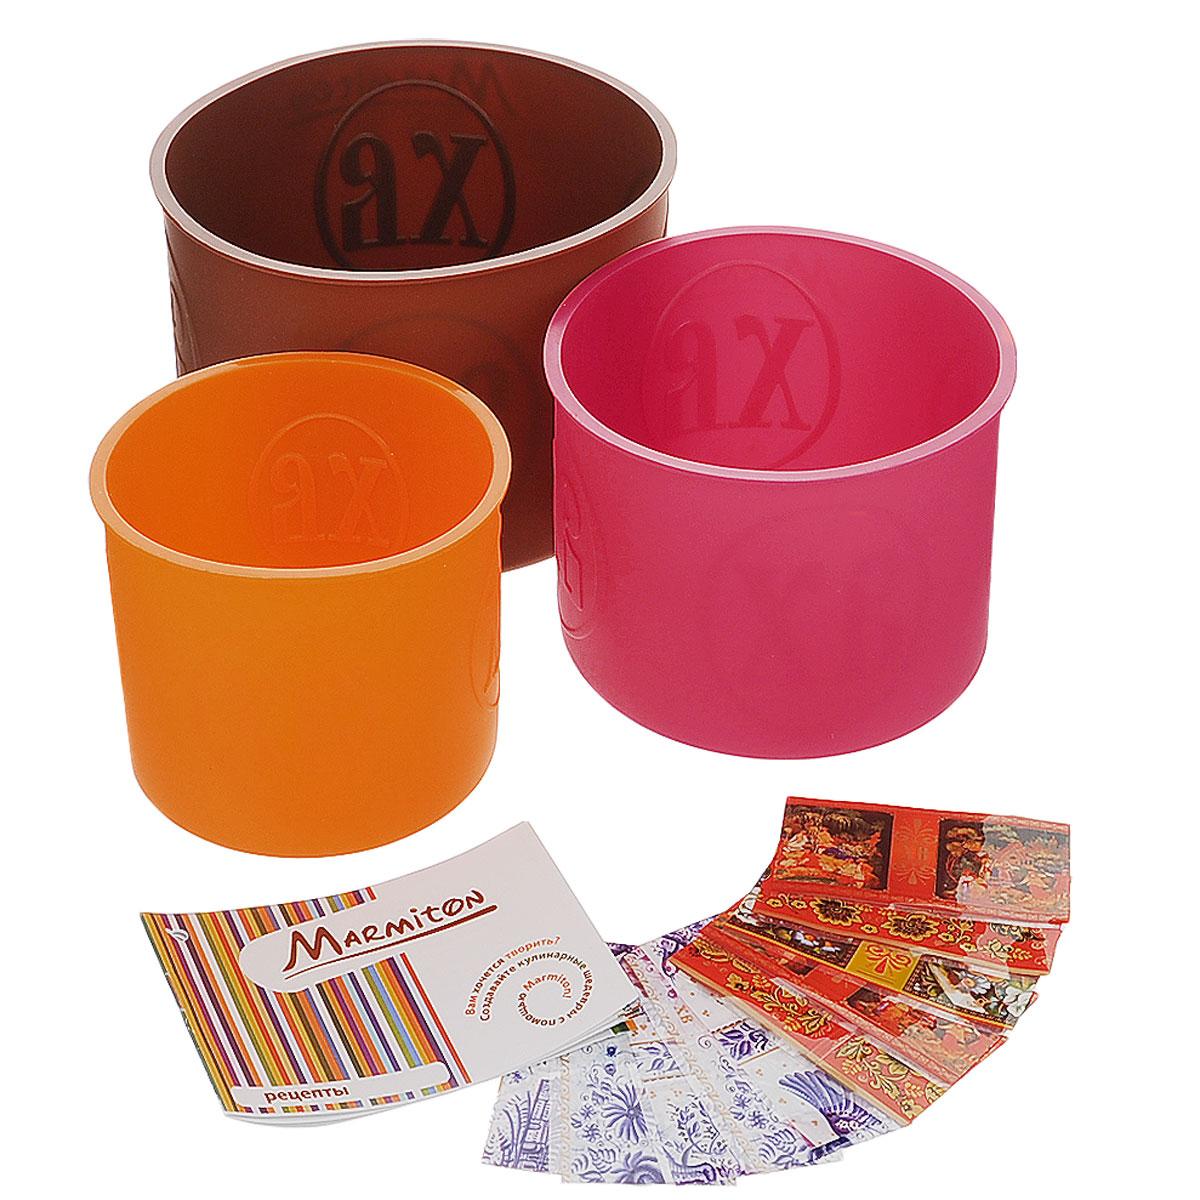 Набор силиконовых форм для выпечки куличей Пасхальный, 3 шт + ПОДАРОК: украшения для пасхальных яиц, 10 шт бумажные формы для куличей тверь